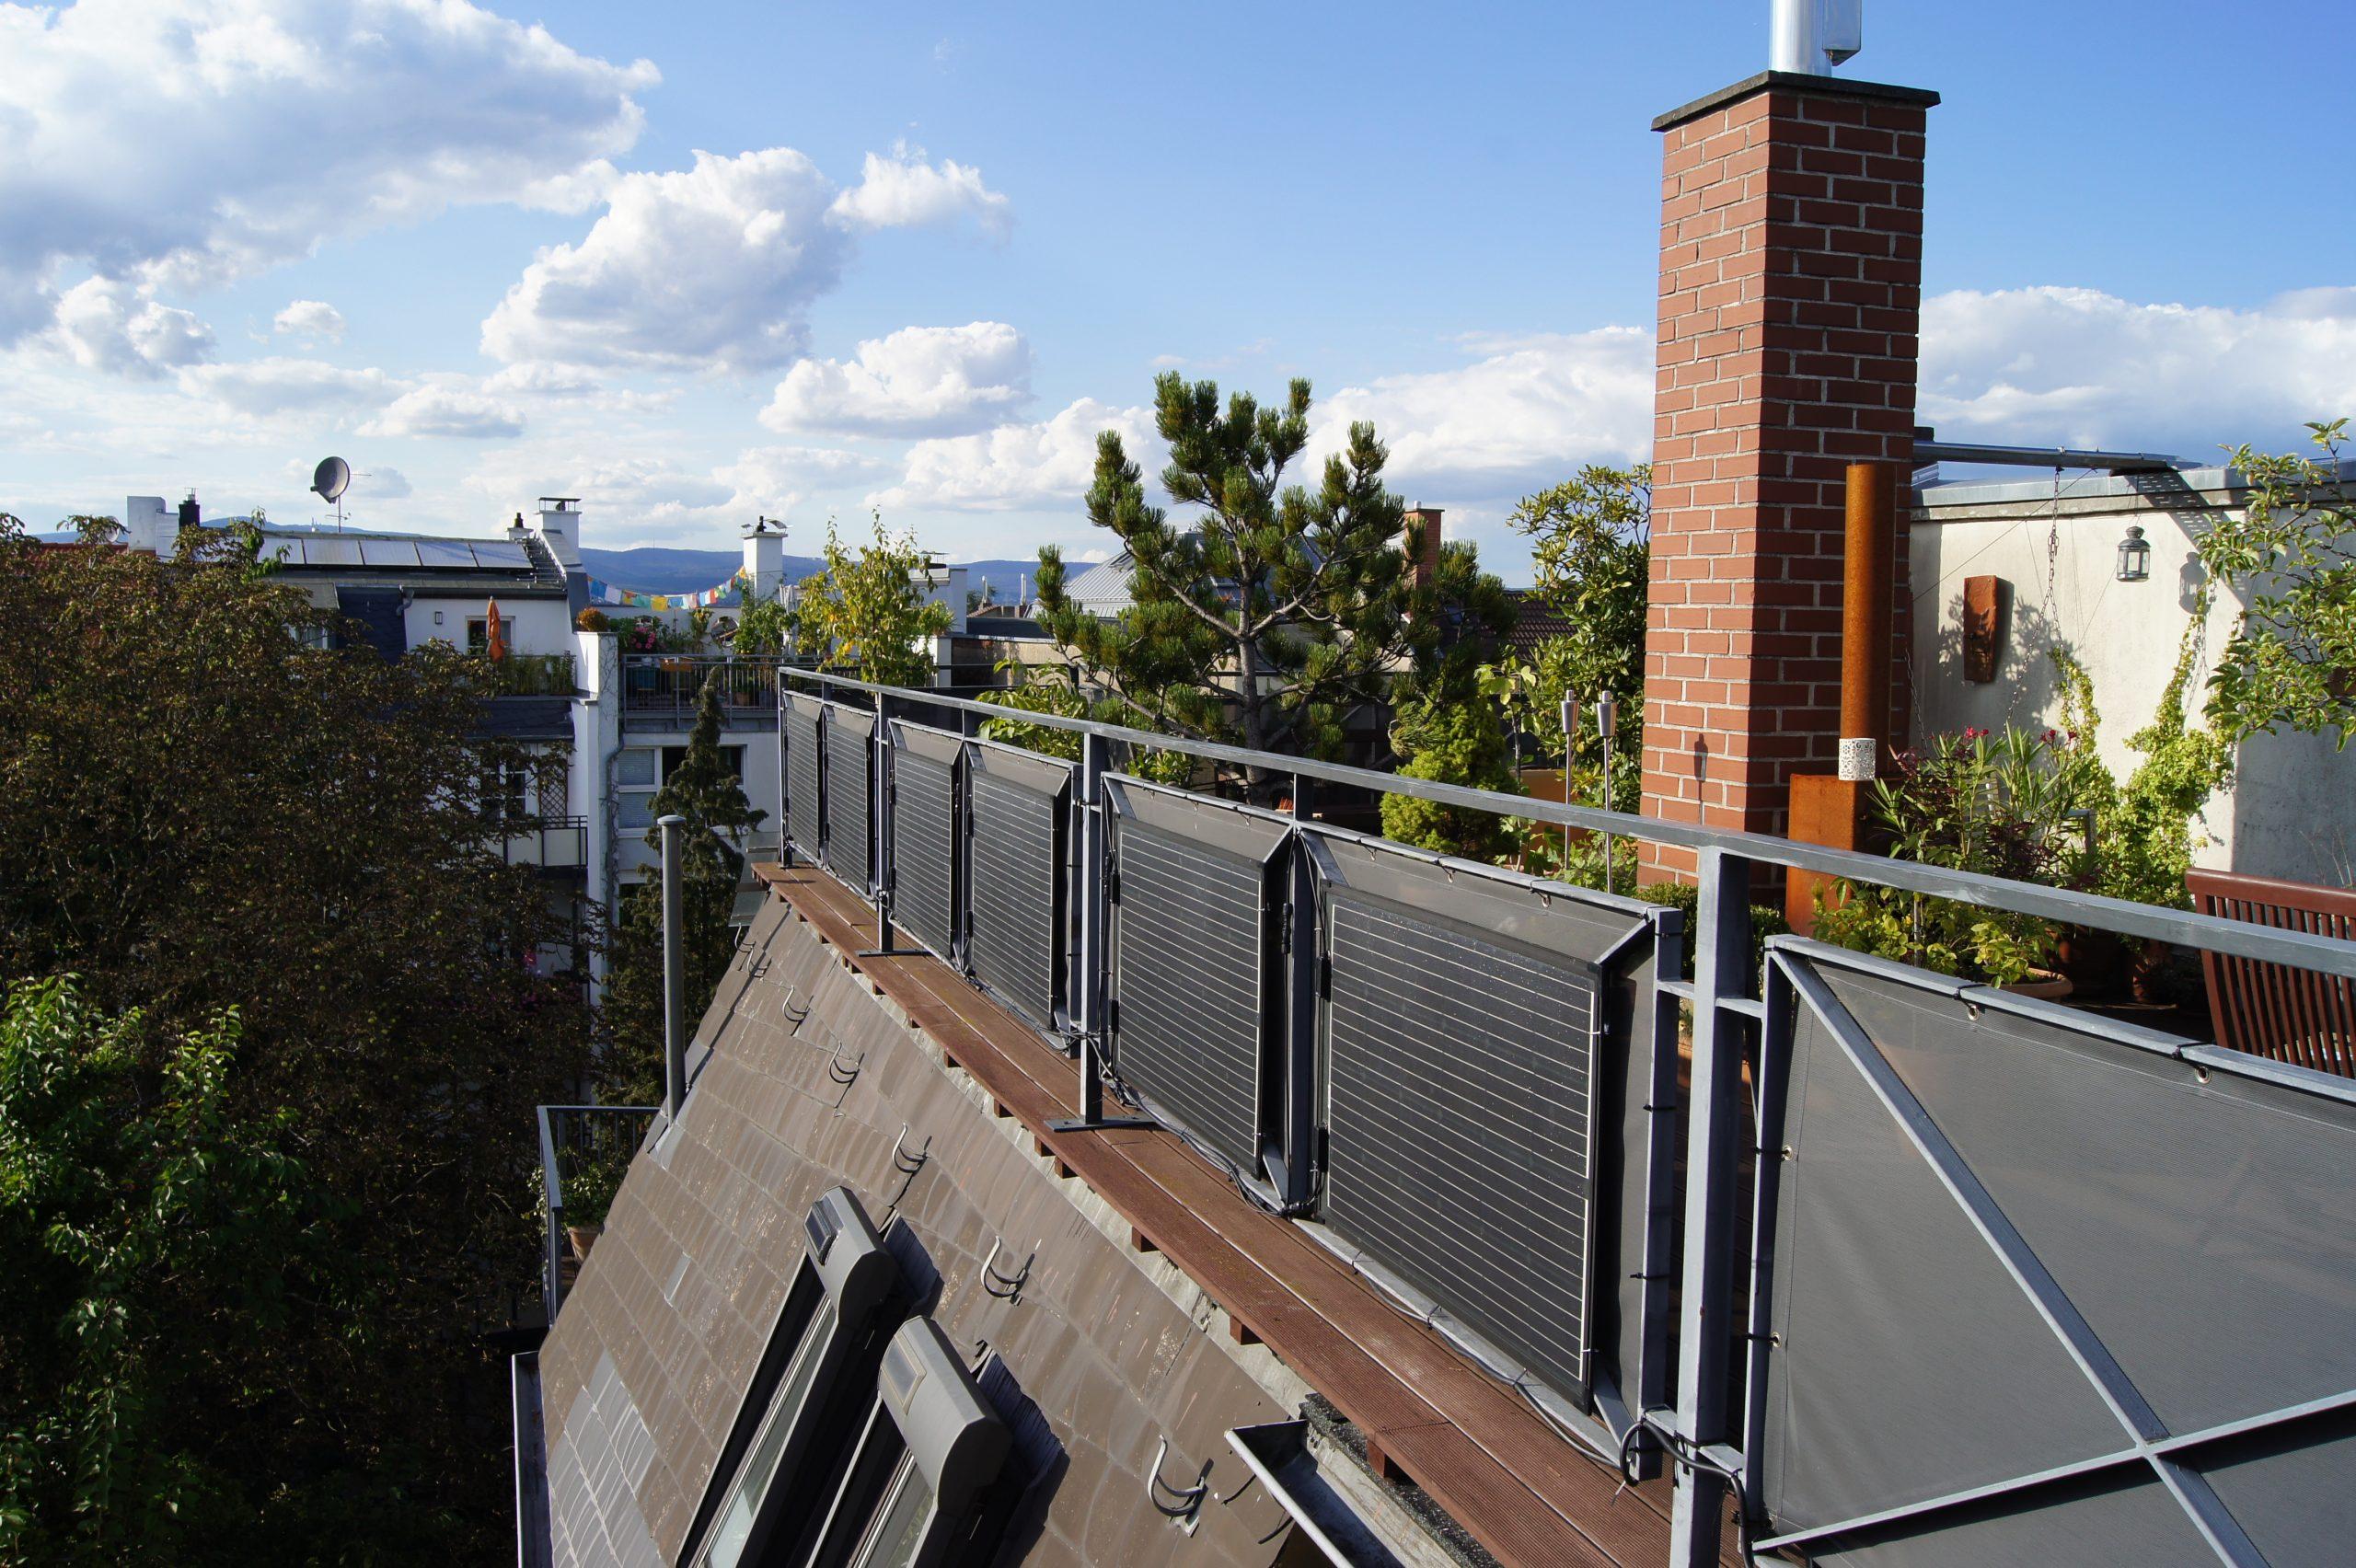 Sechs ultra-leichte Solarmodule an einem Dachterrassen-Geländer.